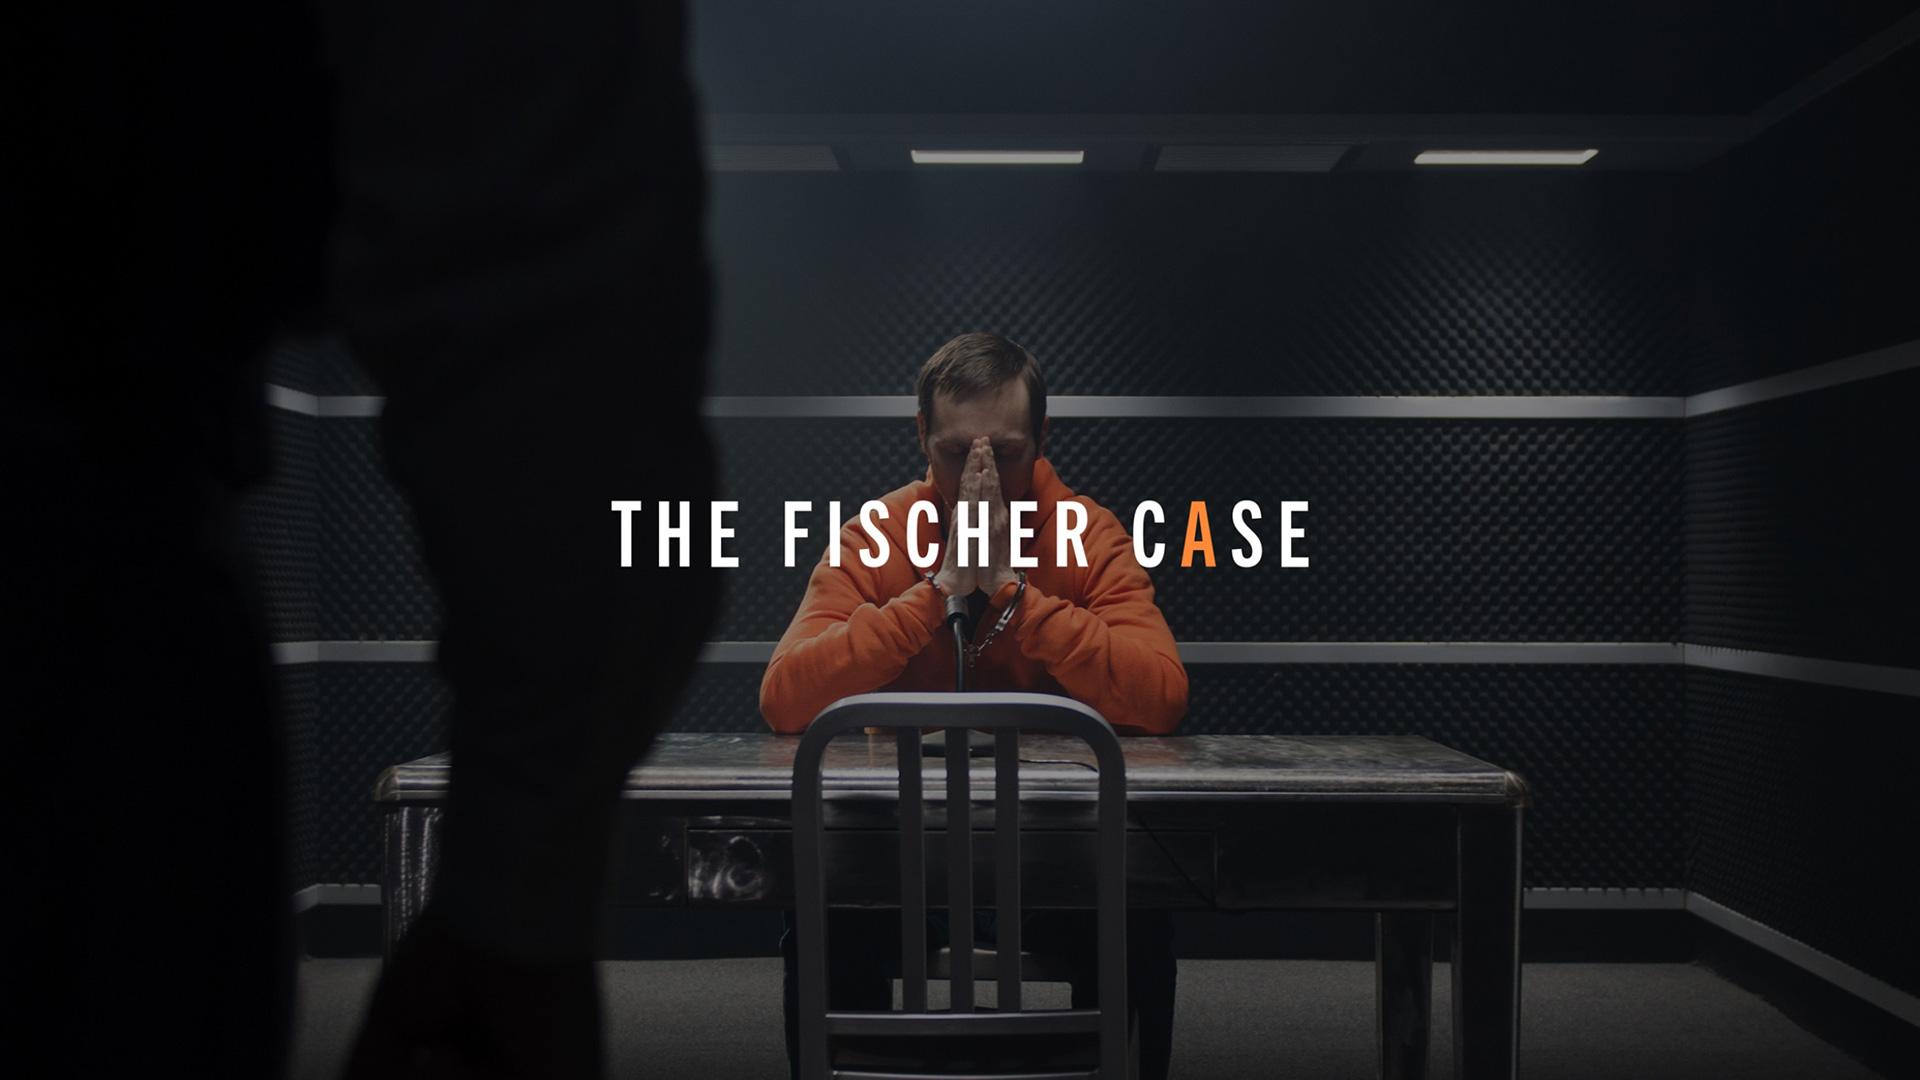 The Fischer Case